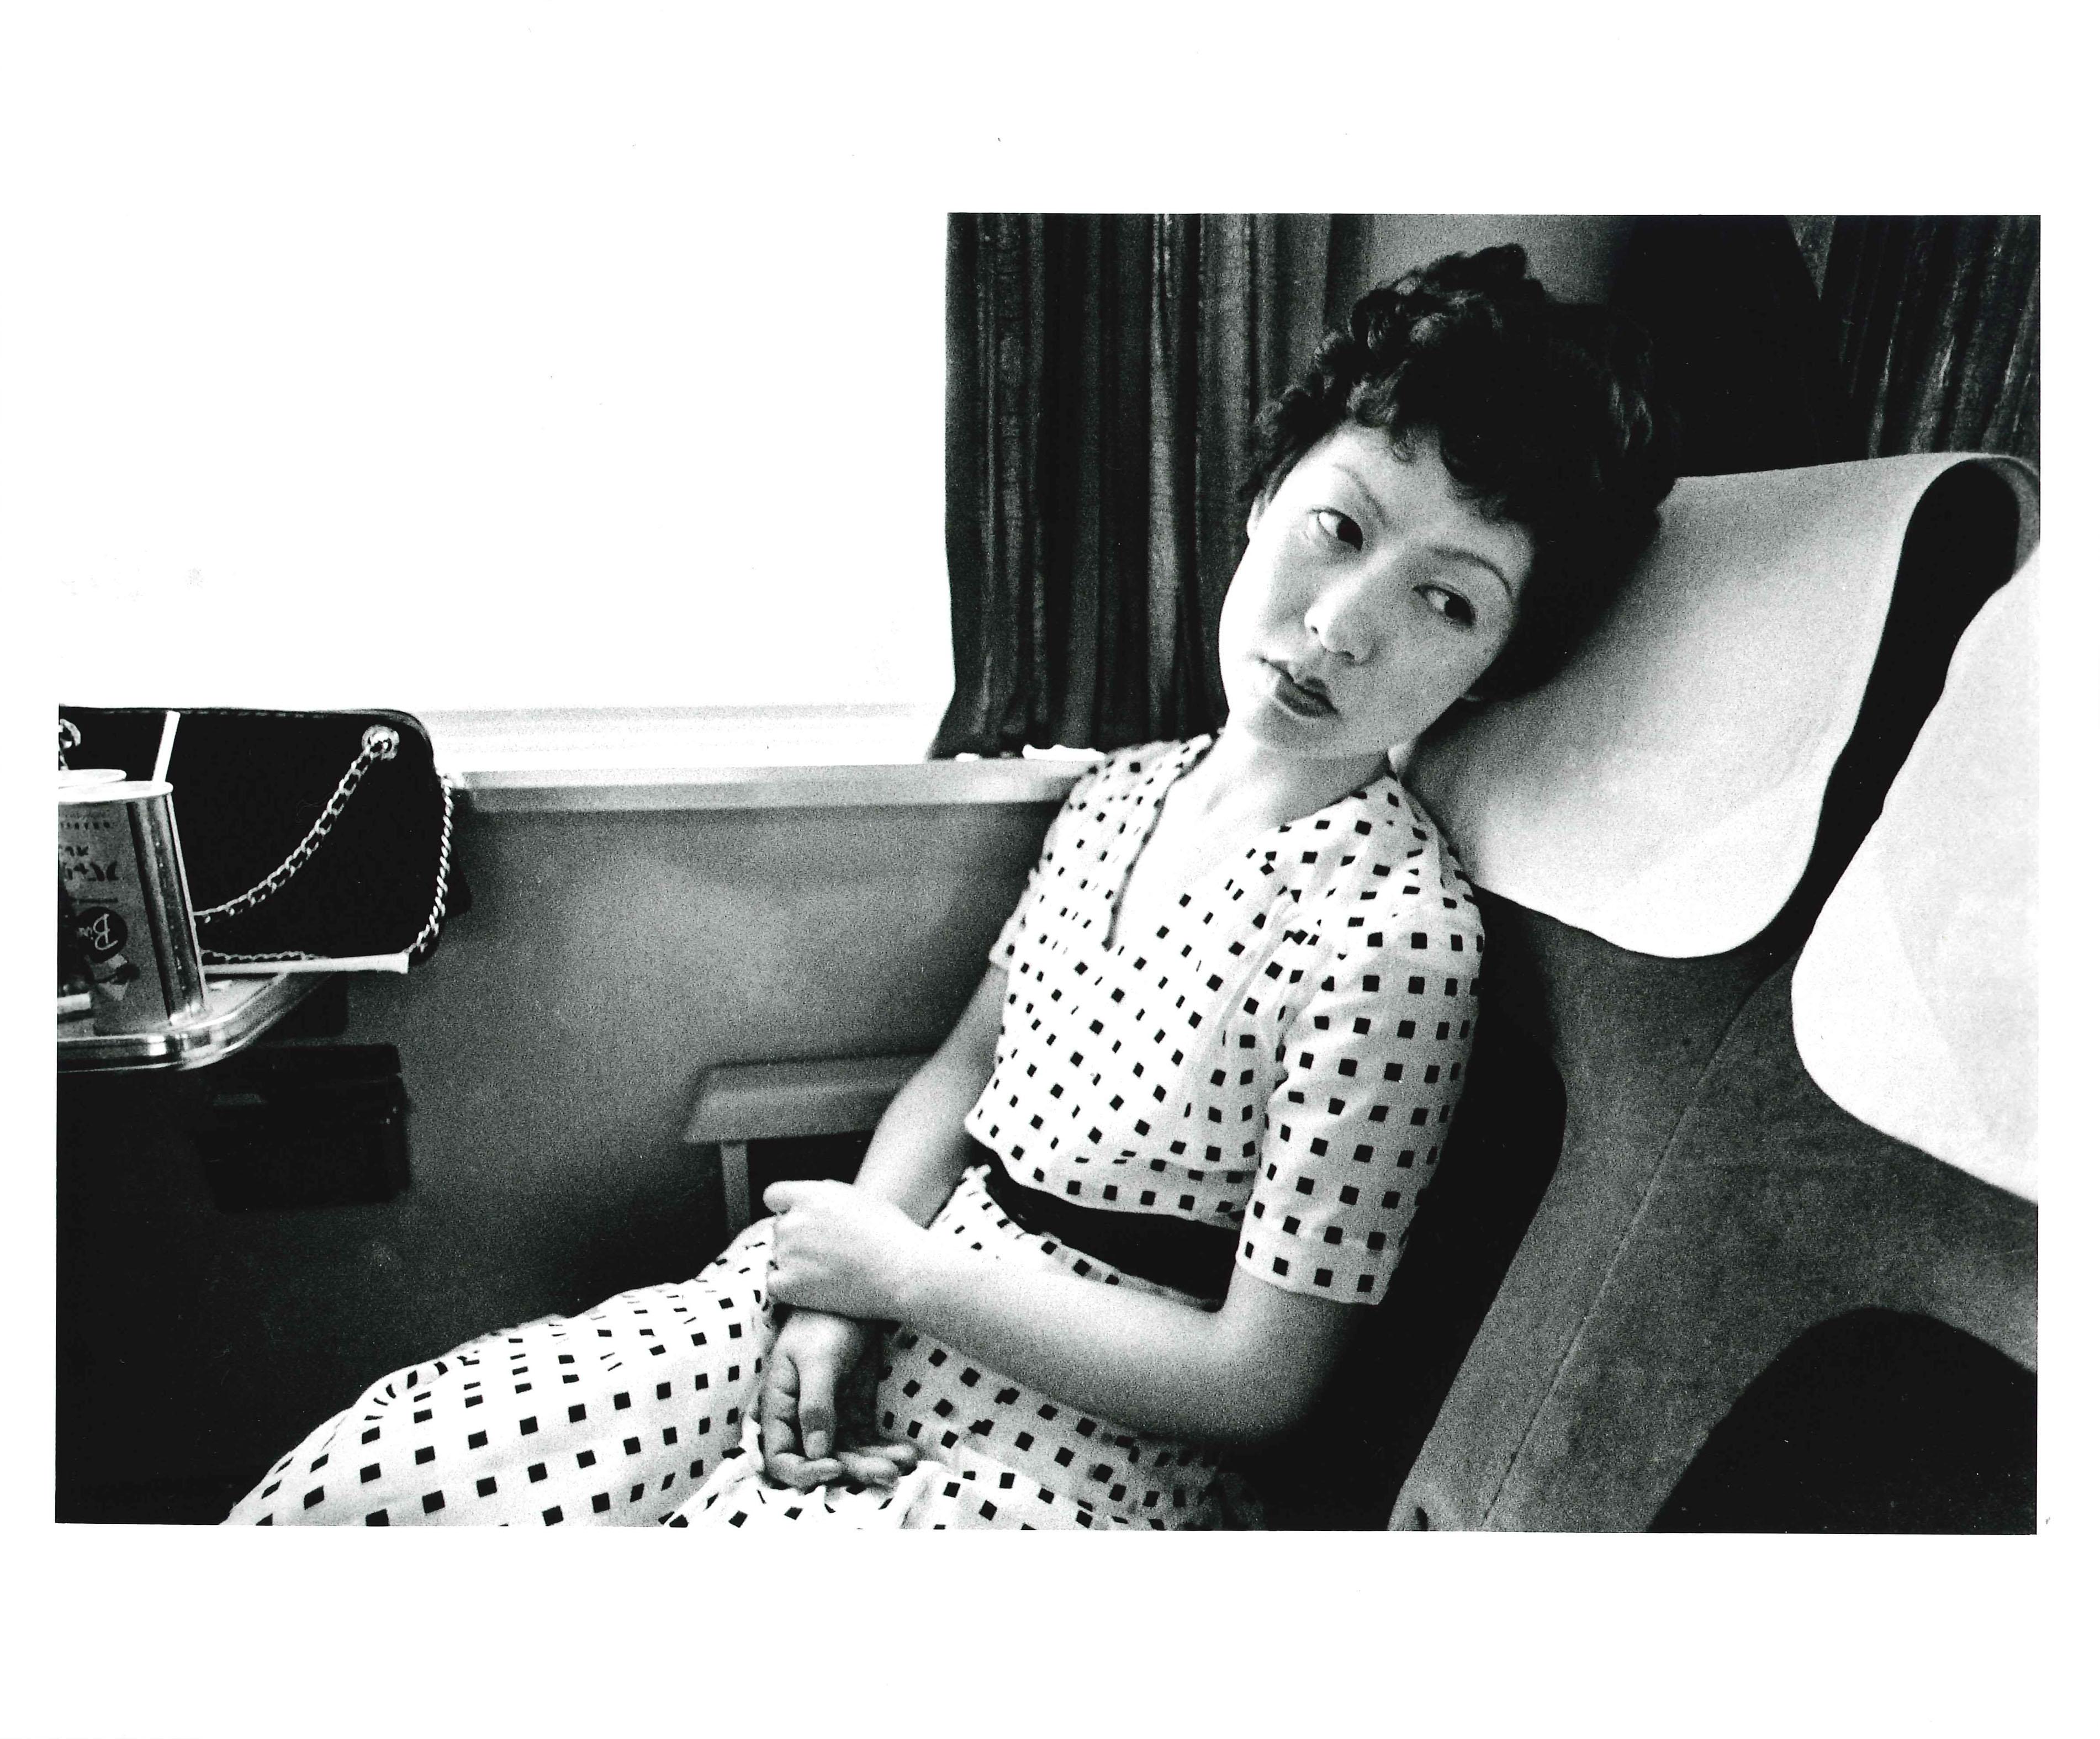 Fotó: Nobuyoshi Araki: Sentimental Journey, 1972 © Nobuyoshi Araki